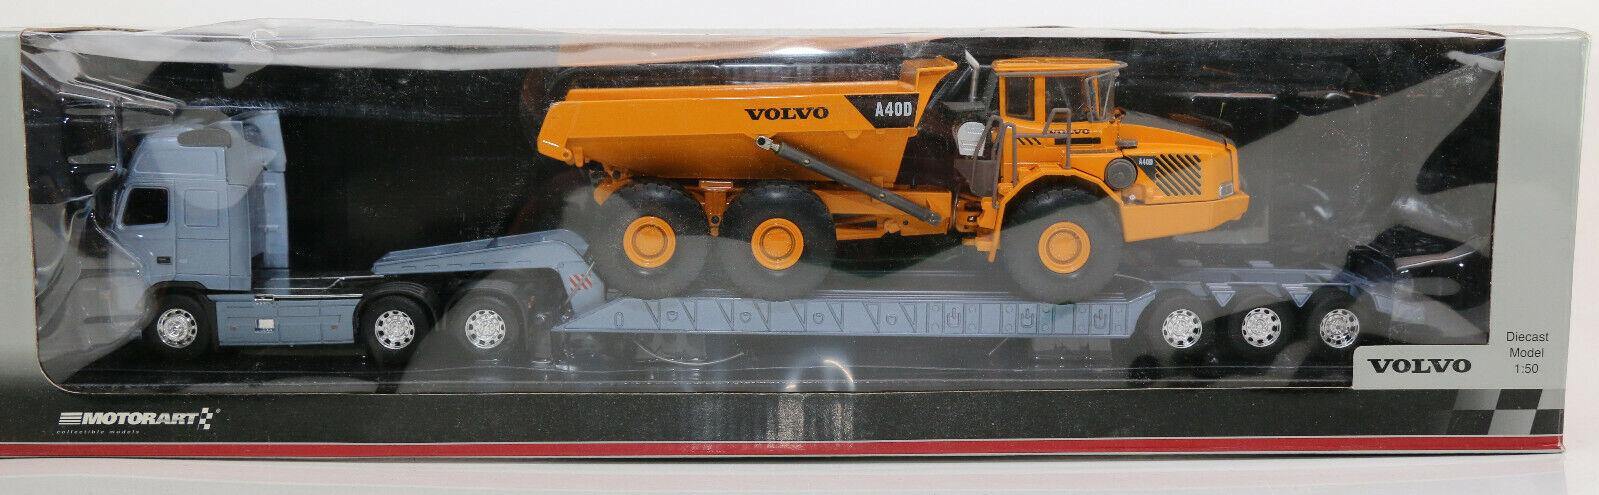 Volvo H 12 + Tieflader + Volvo A40 D Dumper 1 50 Motorart 13078 OVP Neu